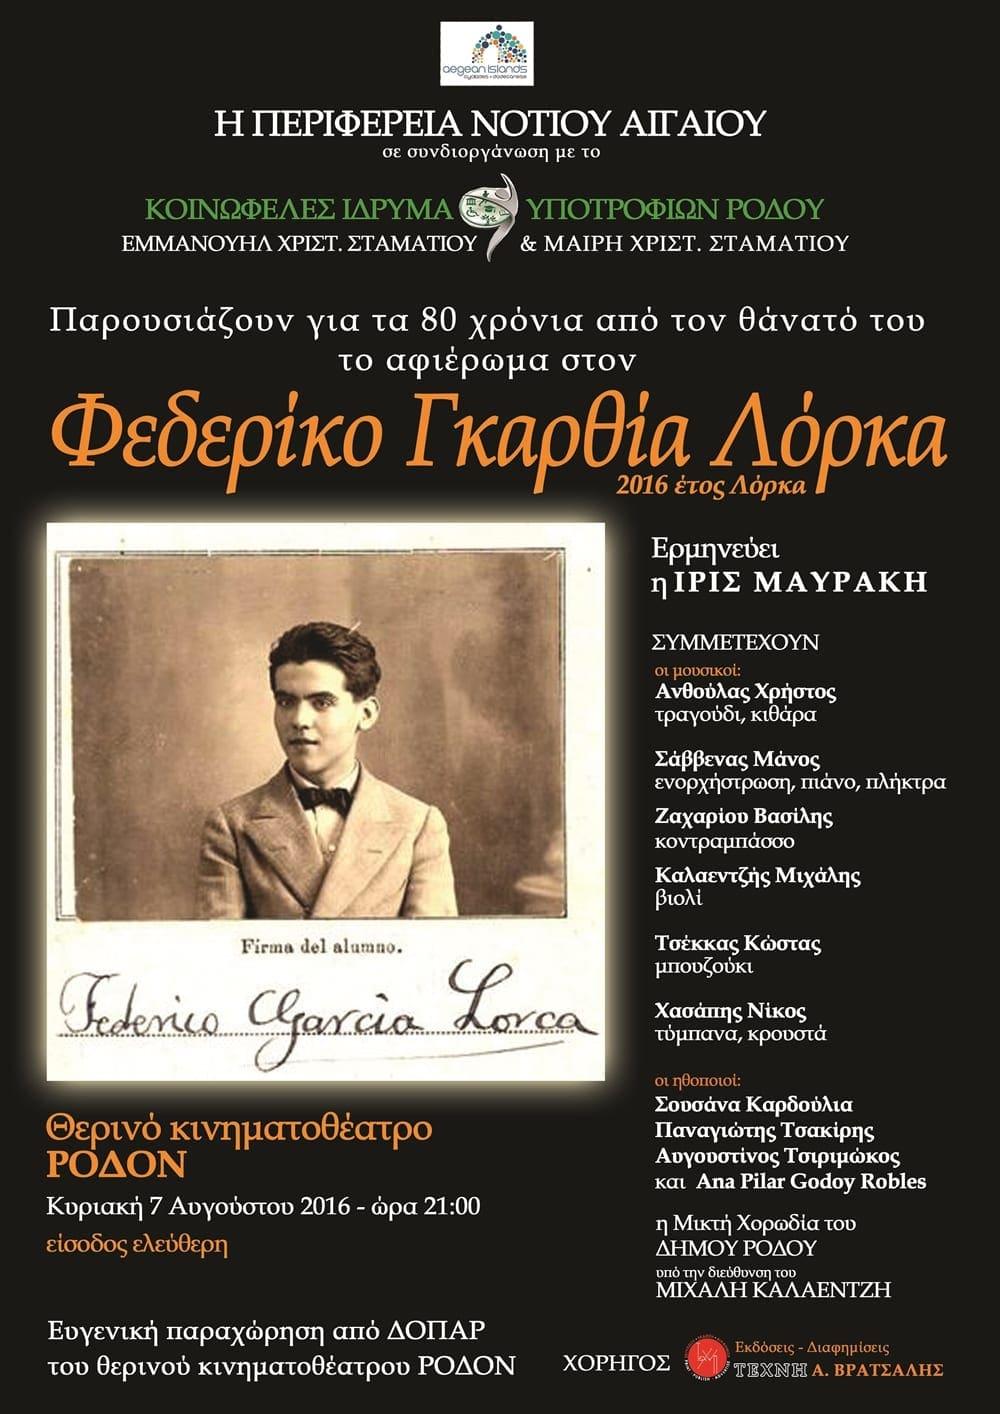 Λορκα Αφίσα GR copy